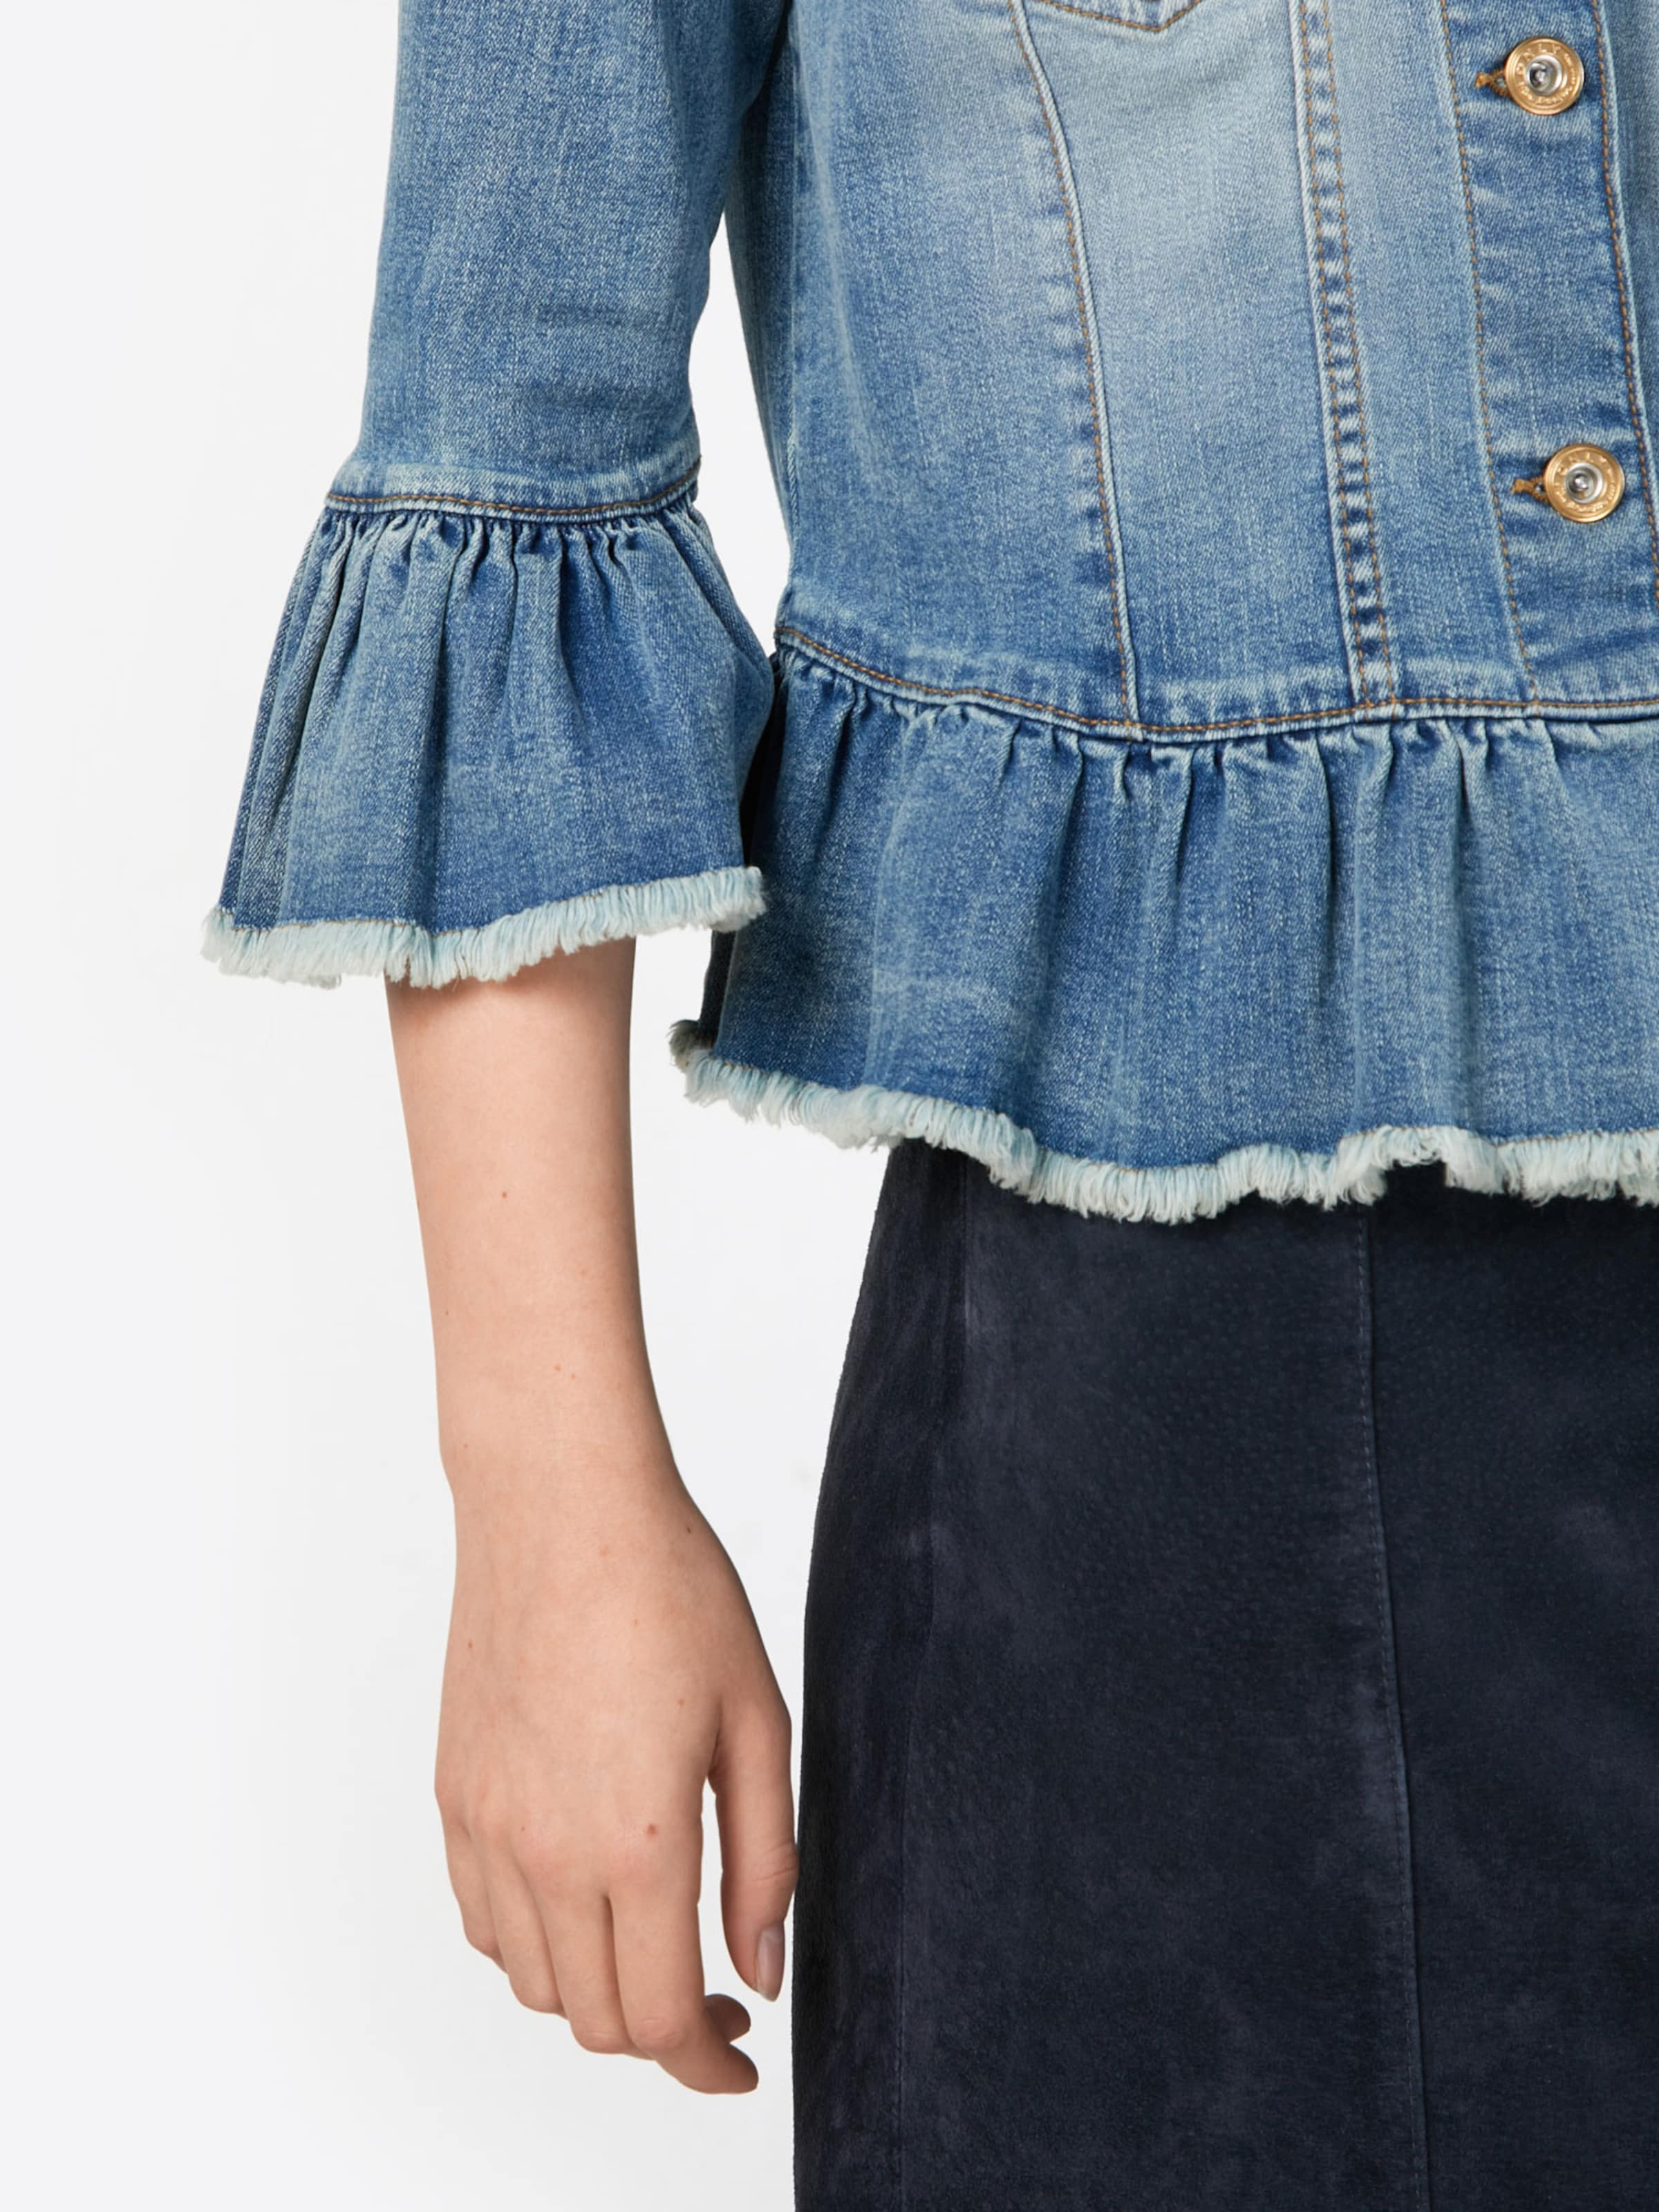 ONLY Jeans Jacke 'onlSIA' Rabatt Angebote Viele Arten Von Günstigem Preis Zahlung Mit Visa Neue Online Original uGMEvwK